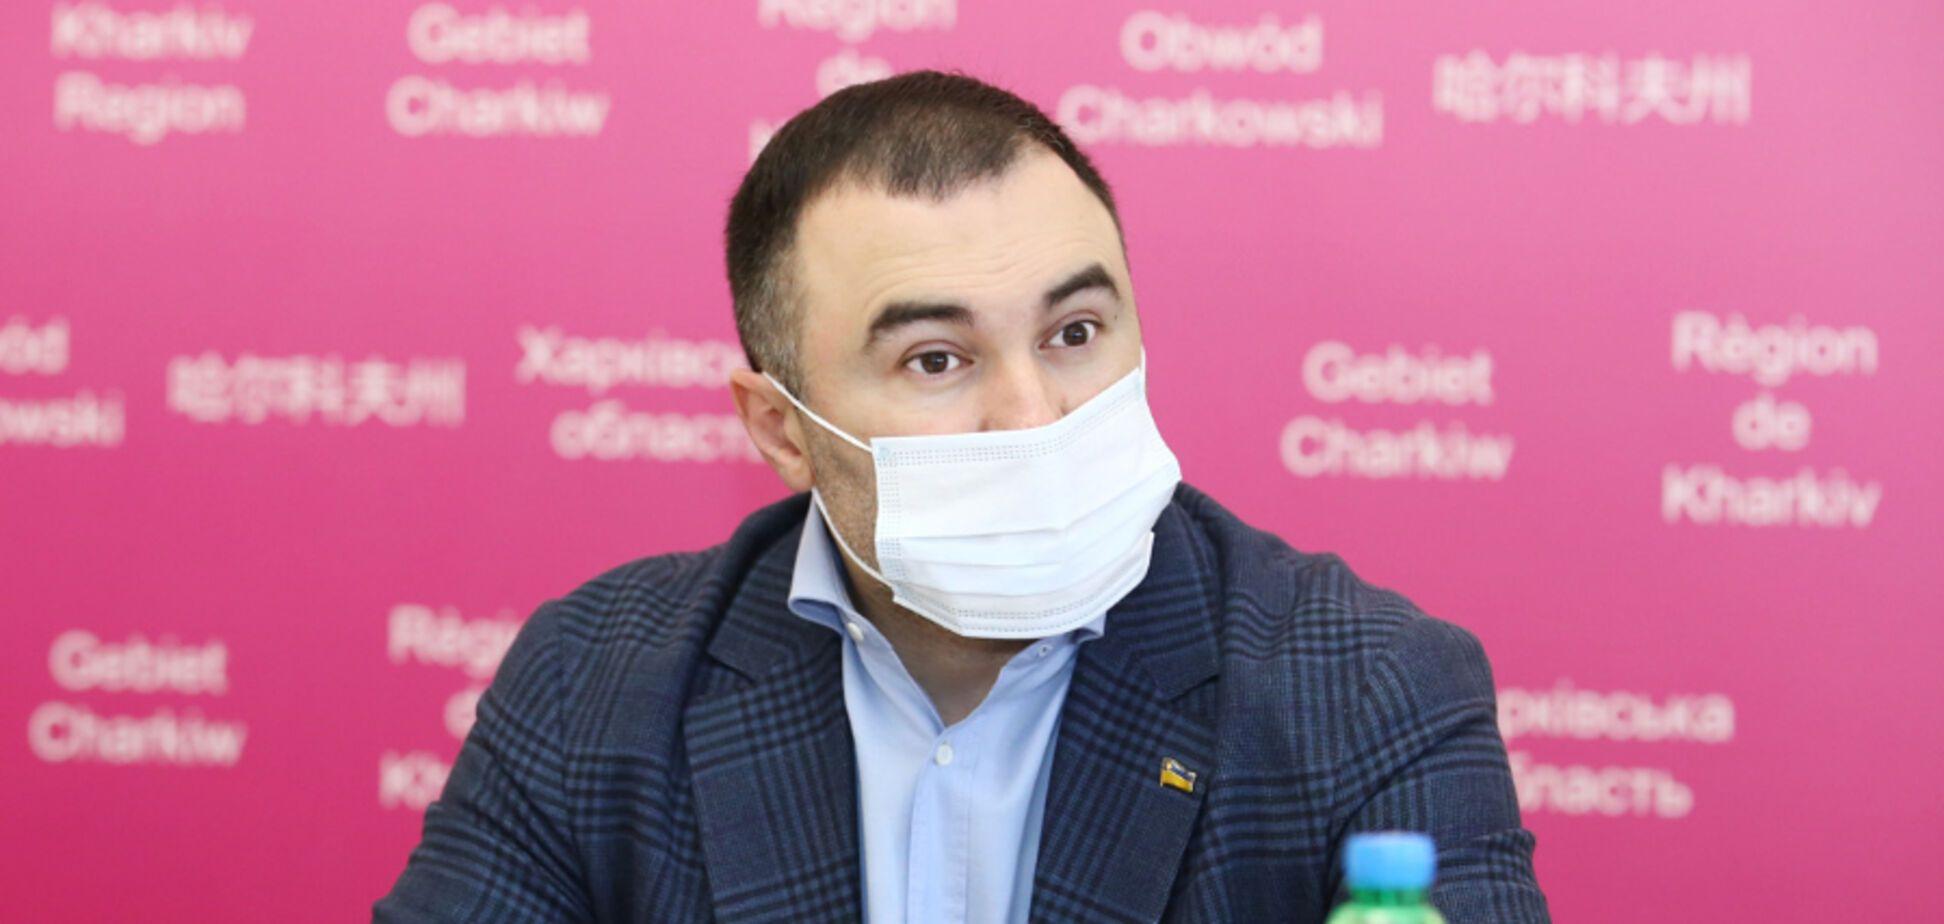 У Товмасяна осталось 740 тыс. грн с миллионной взятки